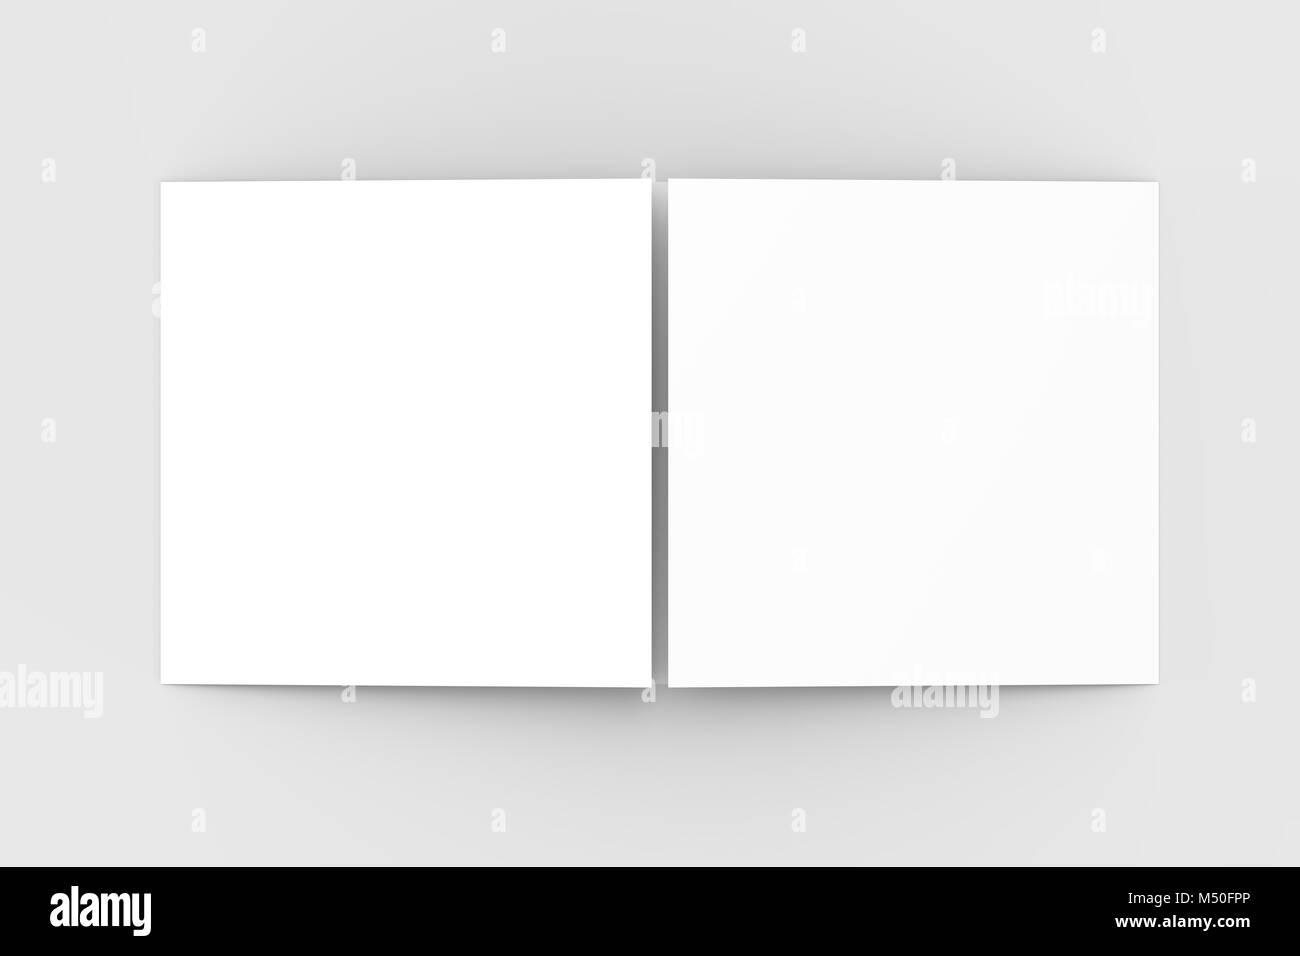 Horizontal - landscape gate fold brochure mock up isolated